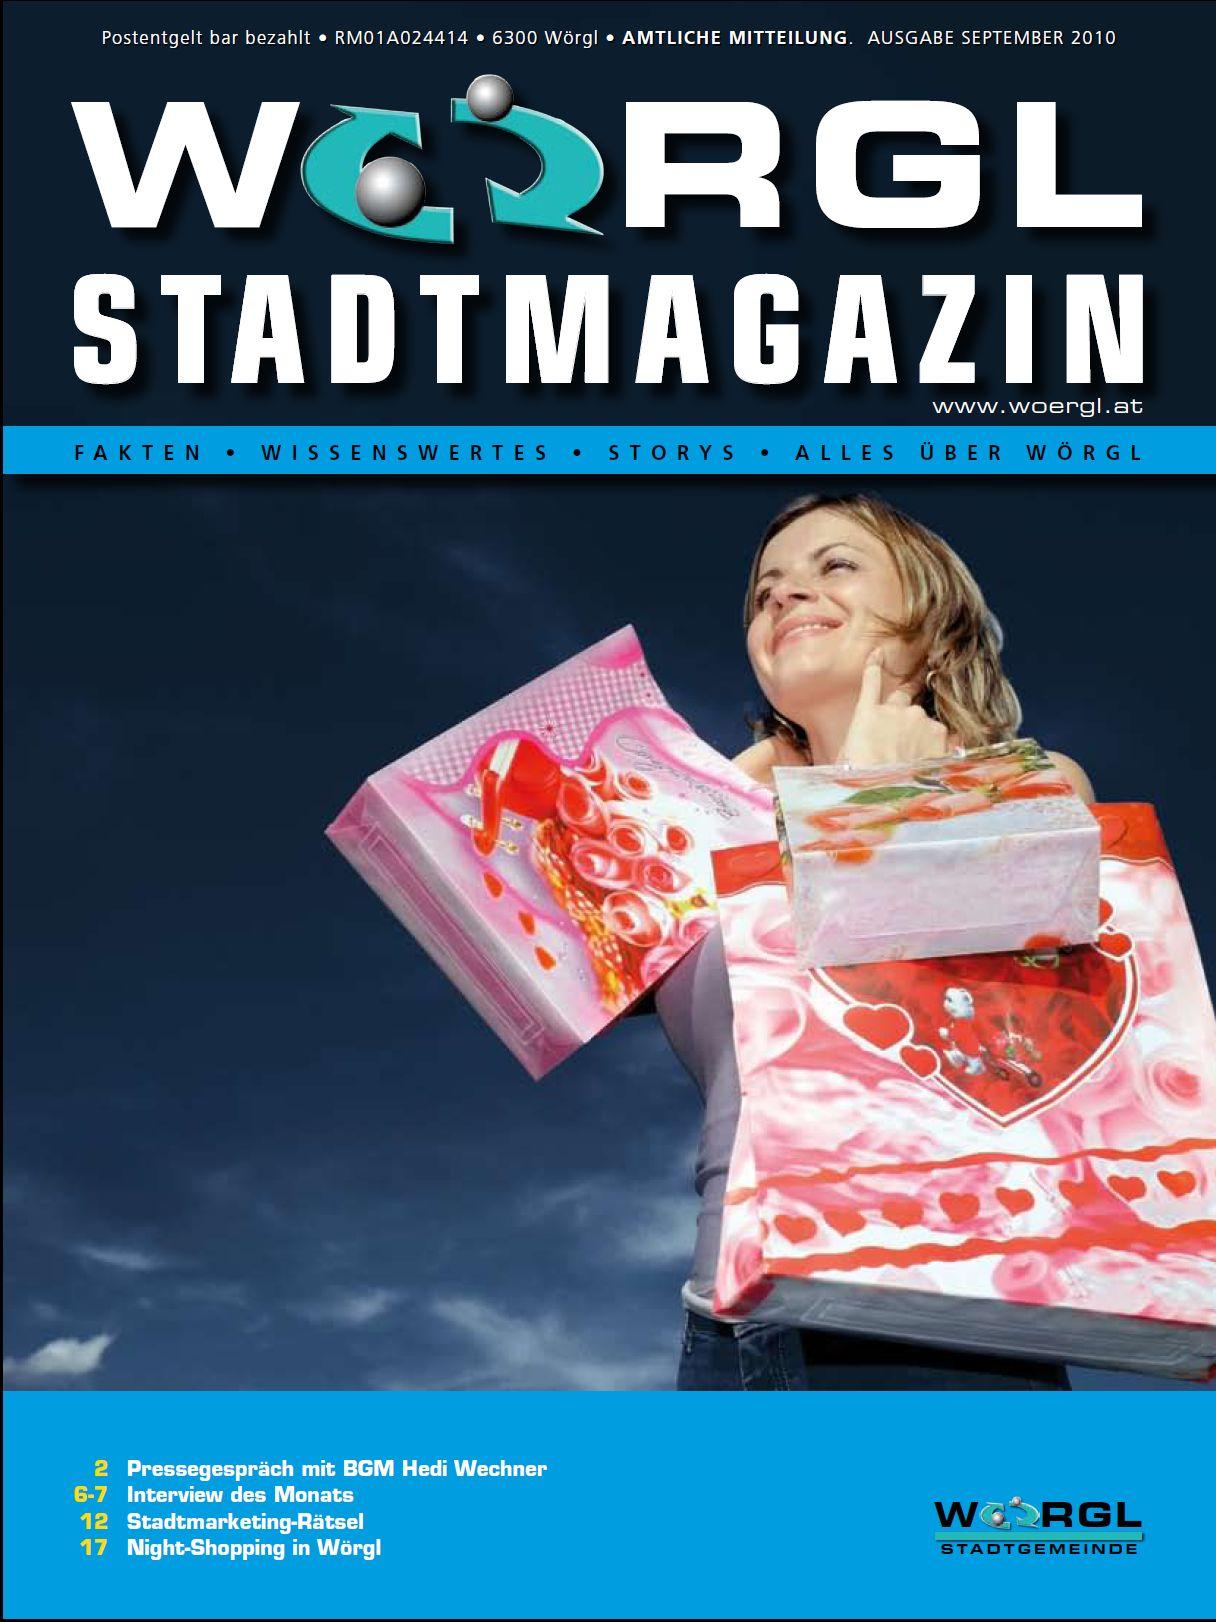 Wörgler Stadtmagazin September 2010